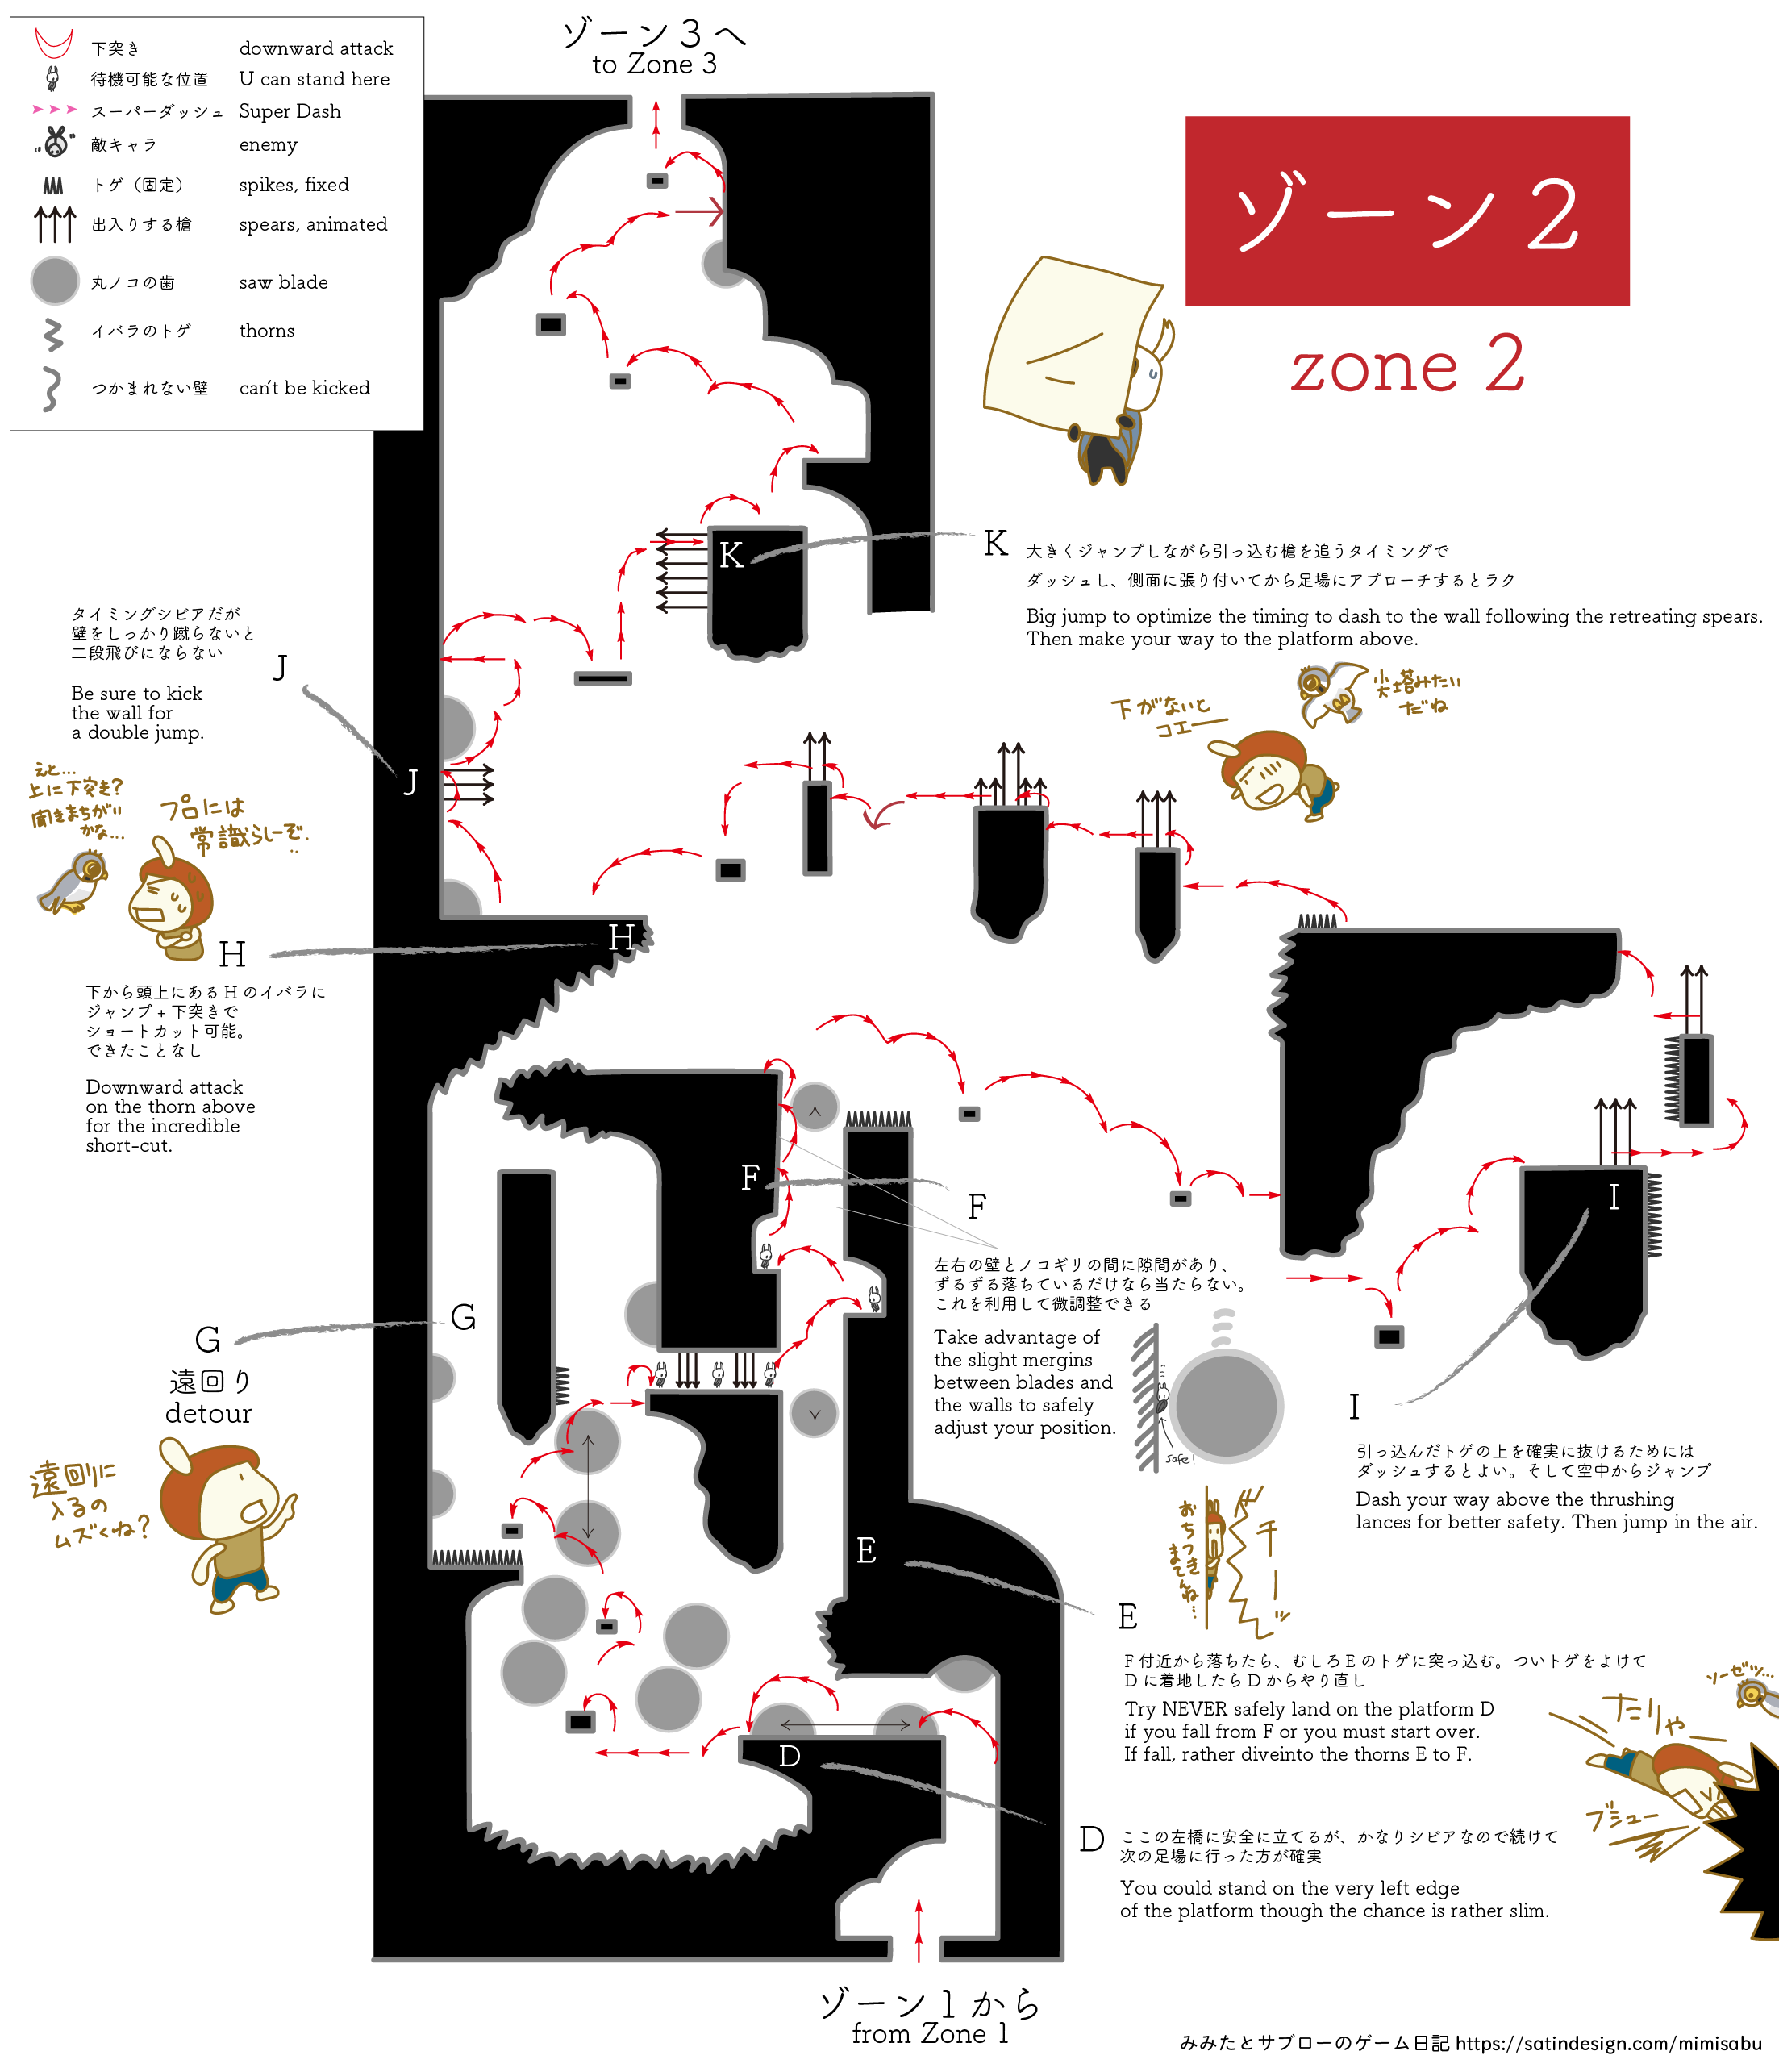 白い宮殿最終エリアゾーン2